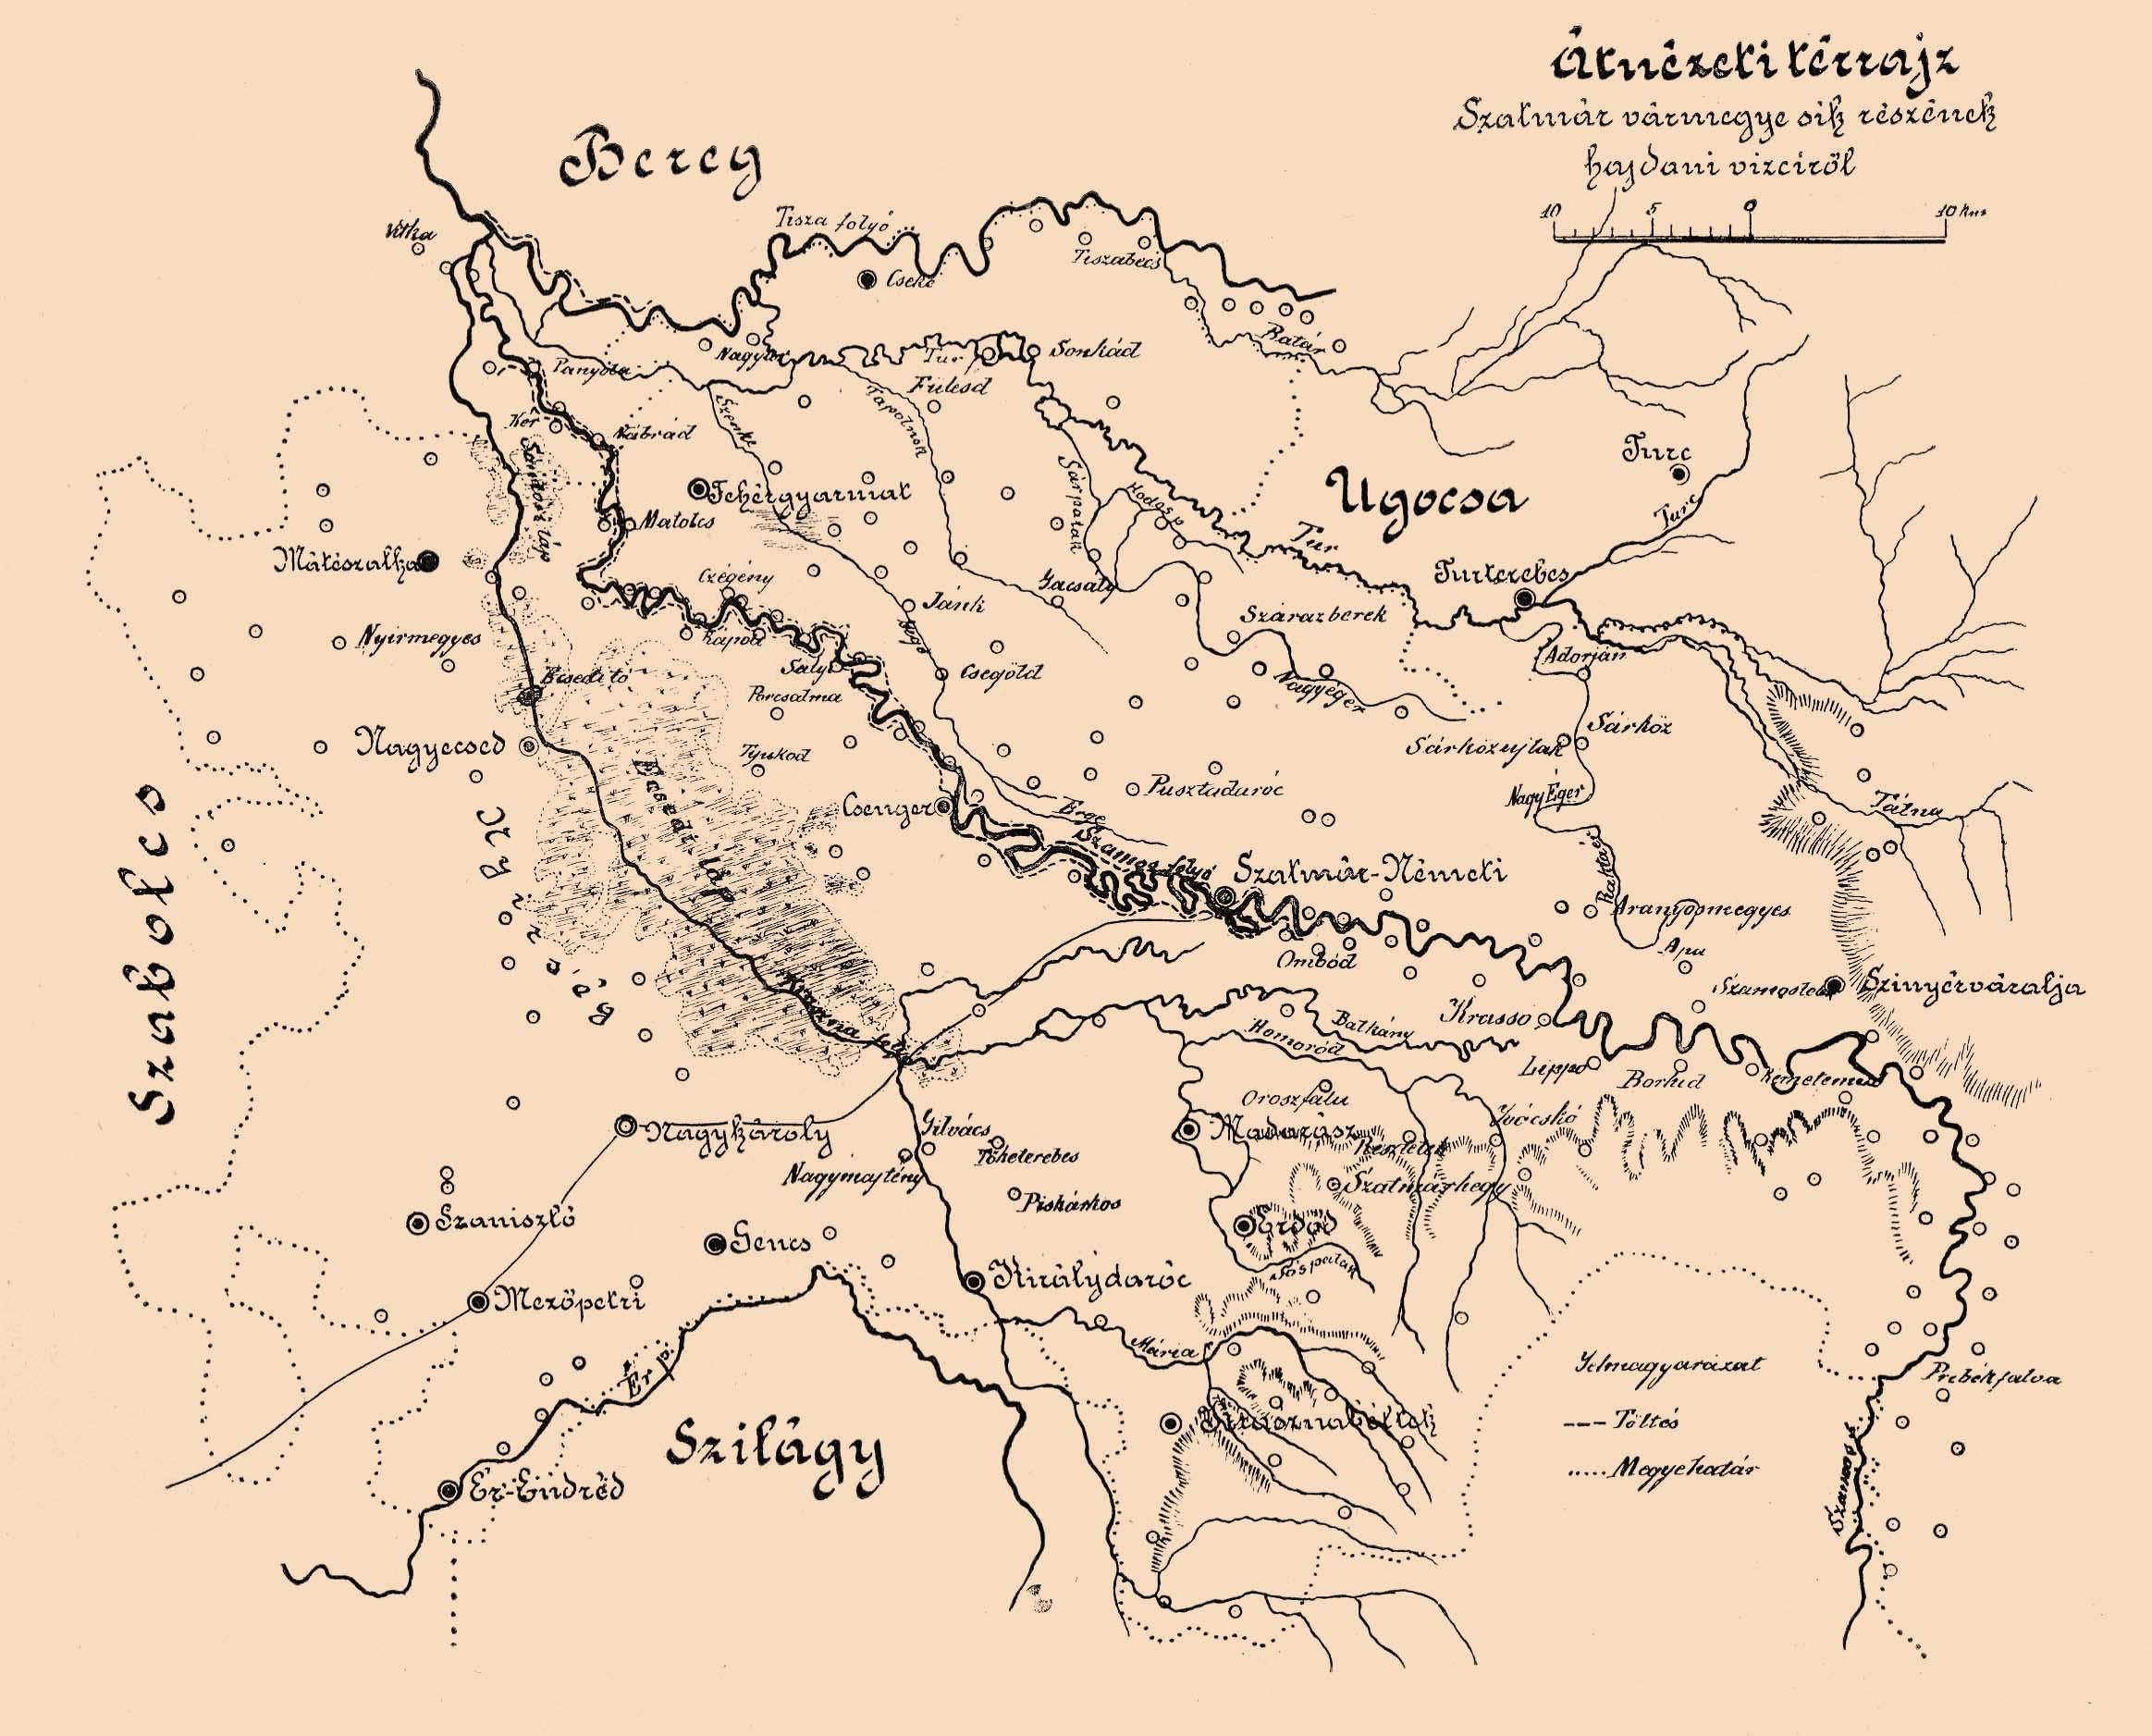 File Szatmar Varmegye Vizrajzi Terkepe Jpg Wikimedia Commons